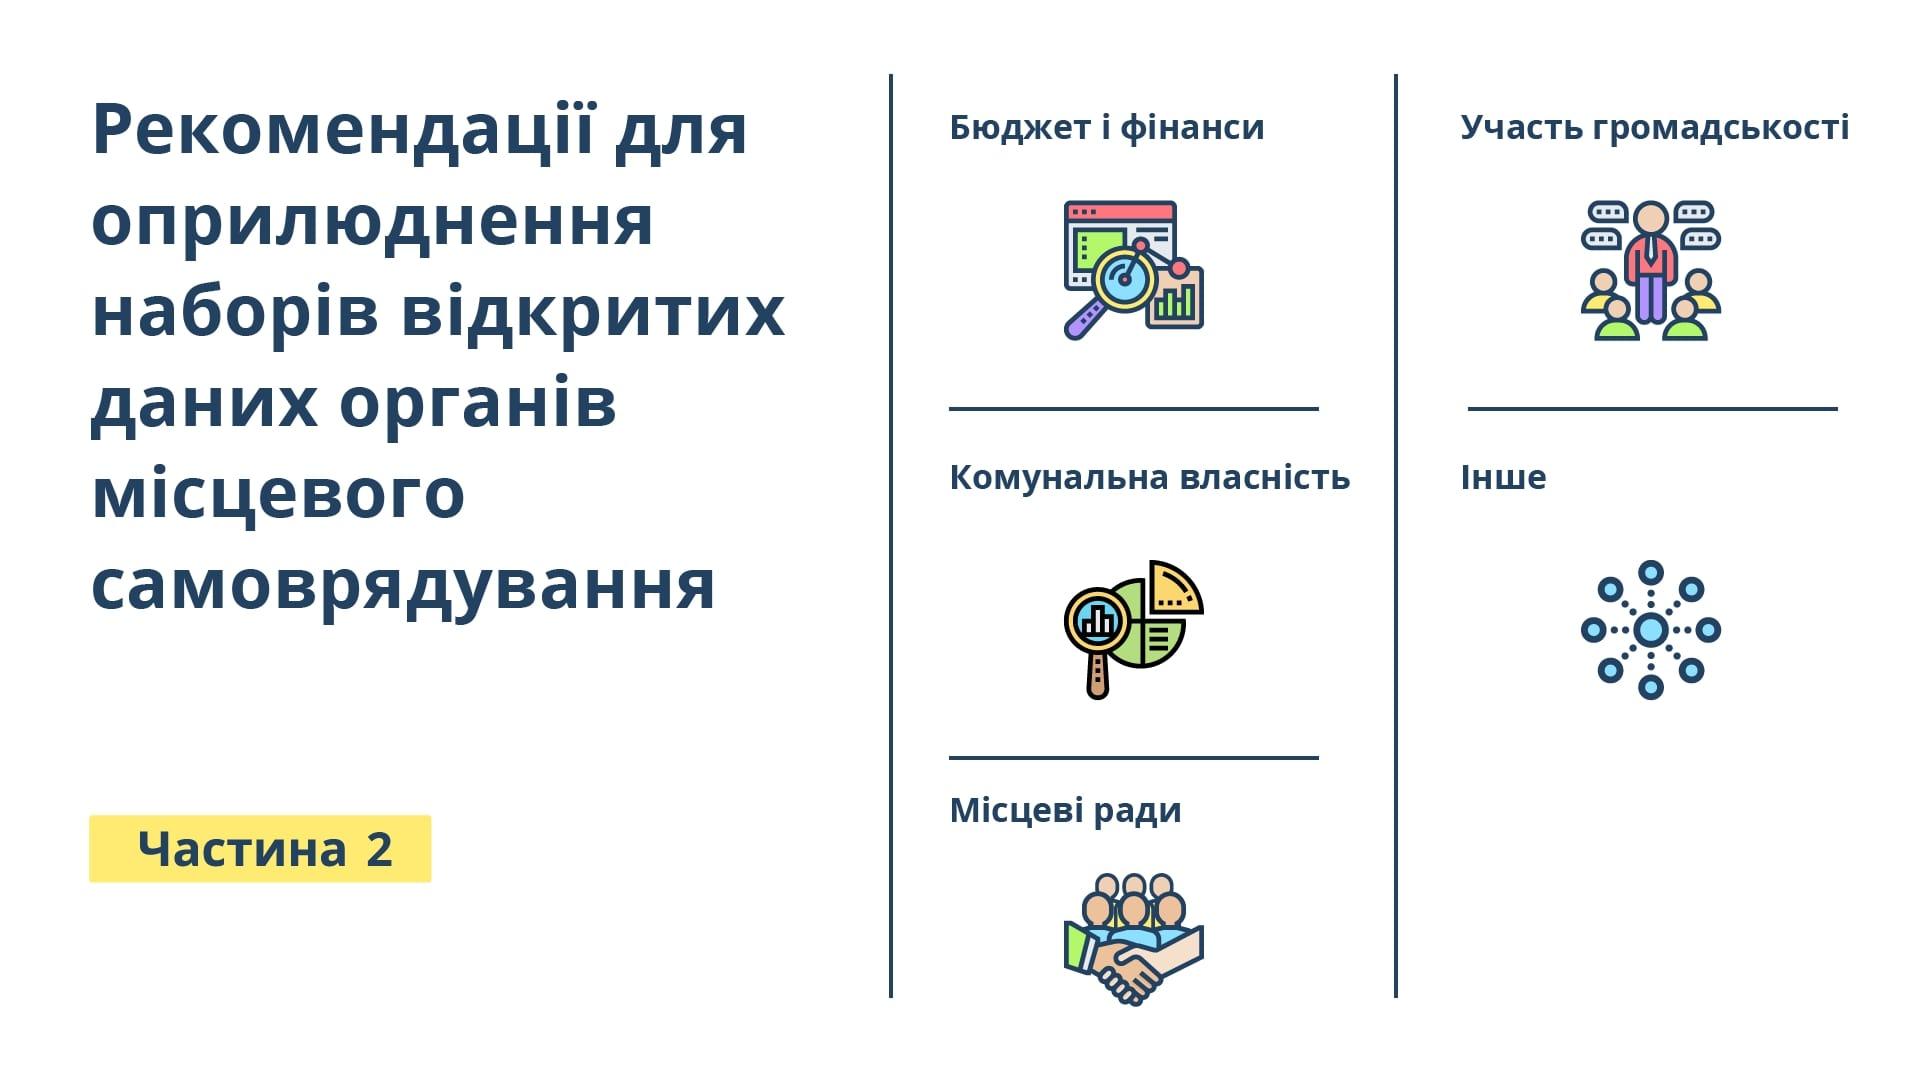 Проект рекомендацій для оприлюднення наборів відкритих даних органів місцевого самоврядування (Частина 2)